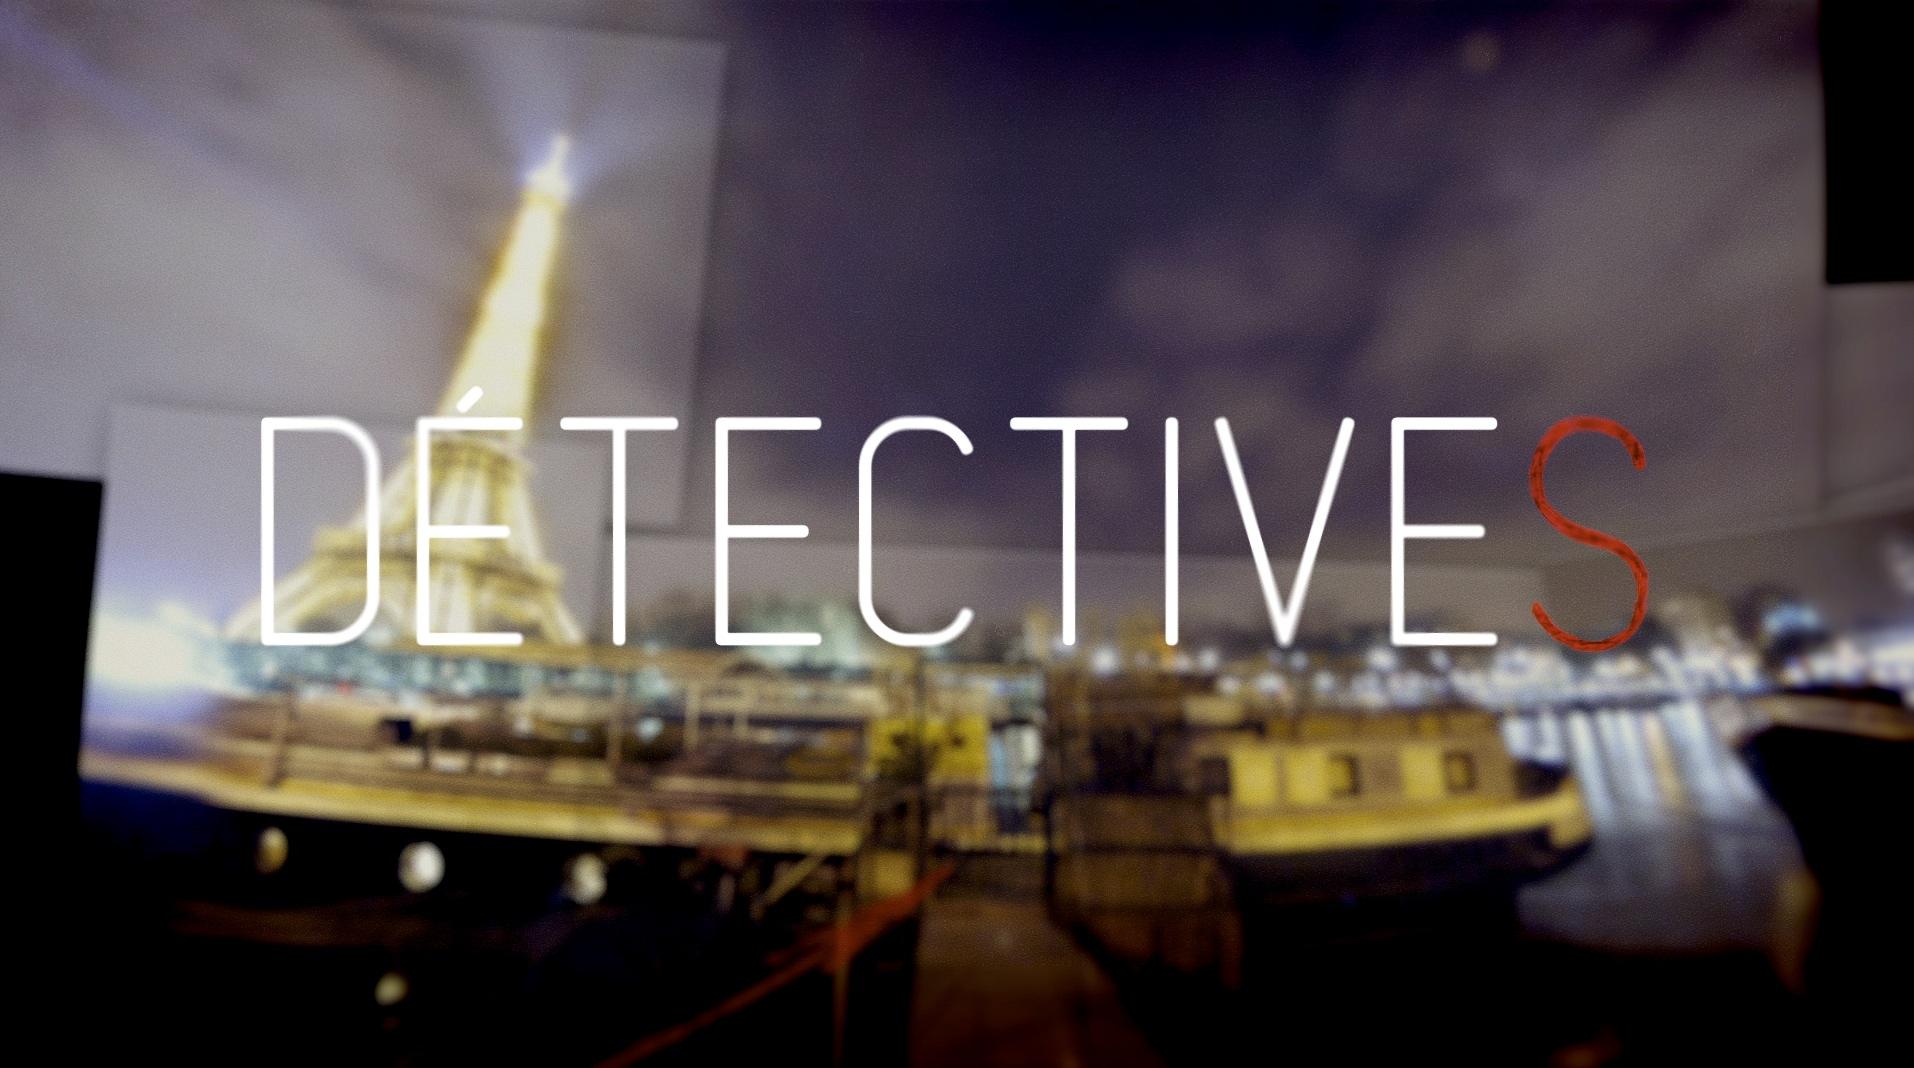 DETECTIVES - Title